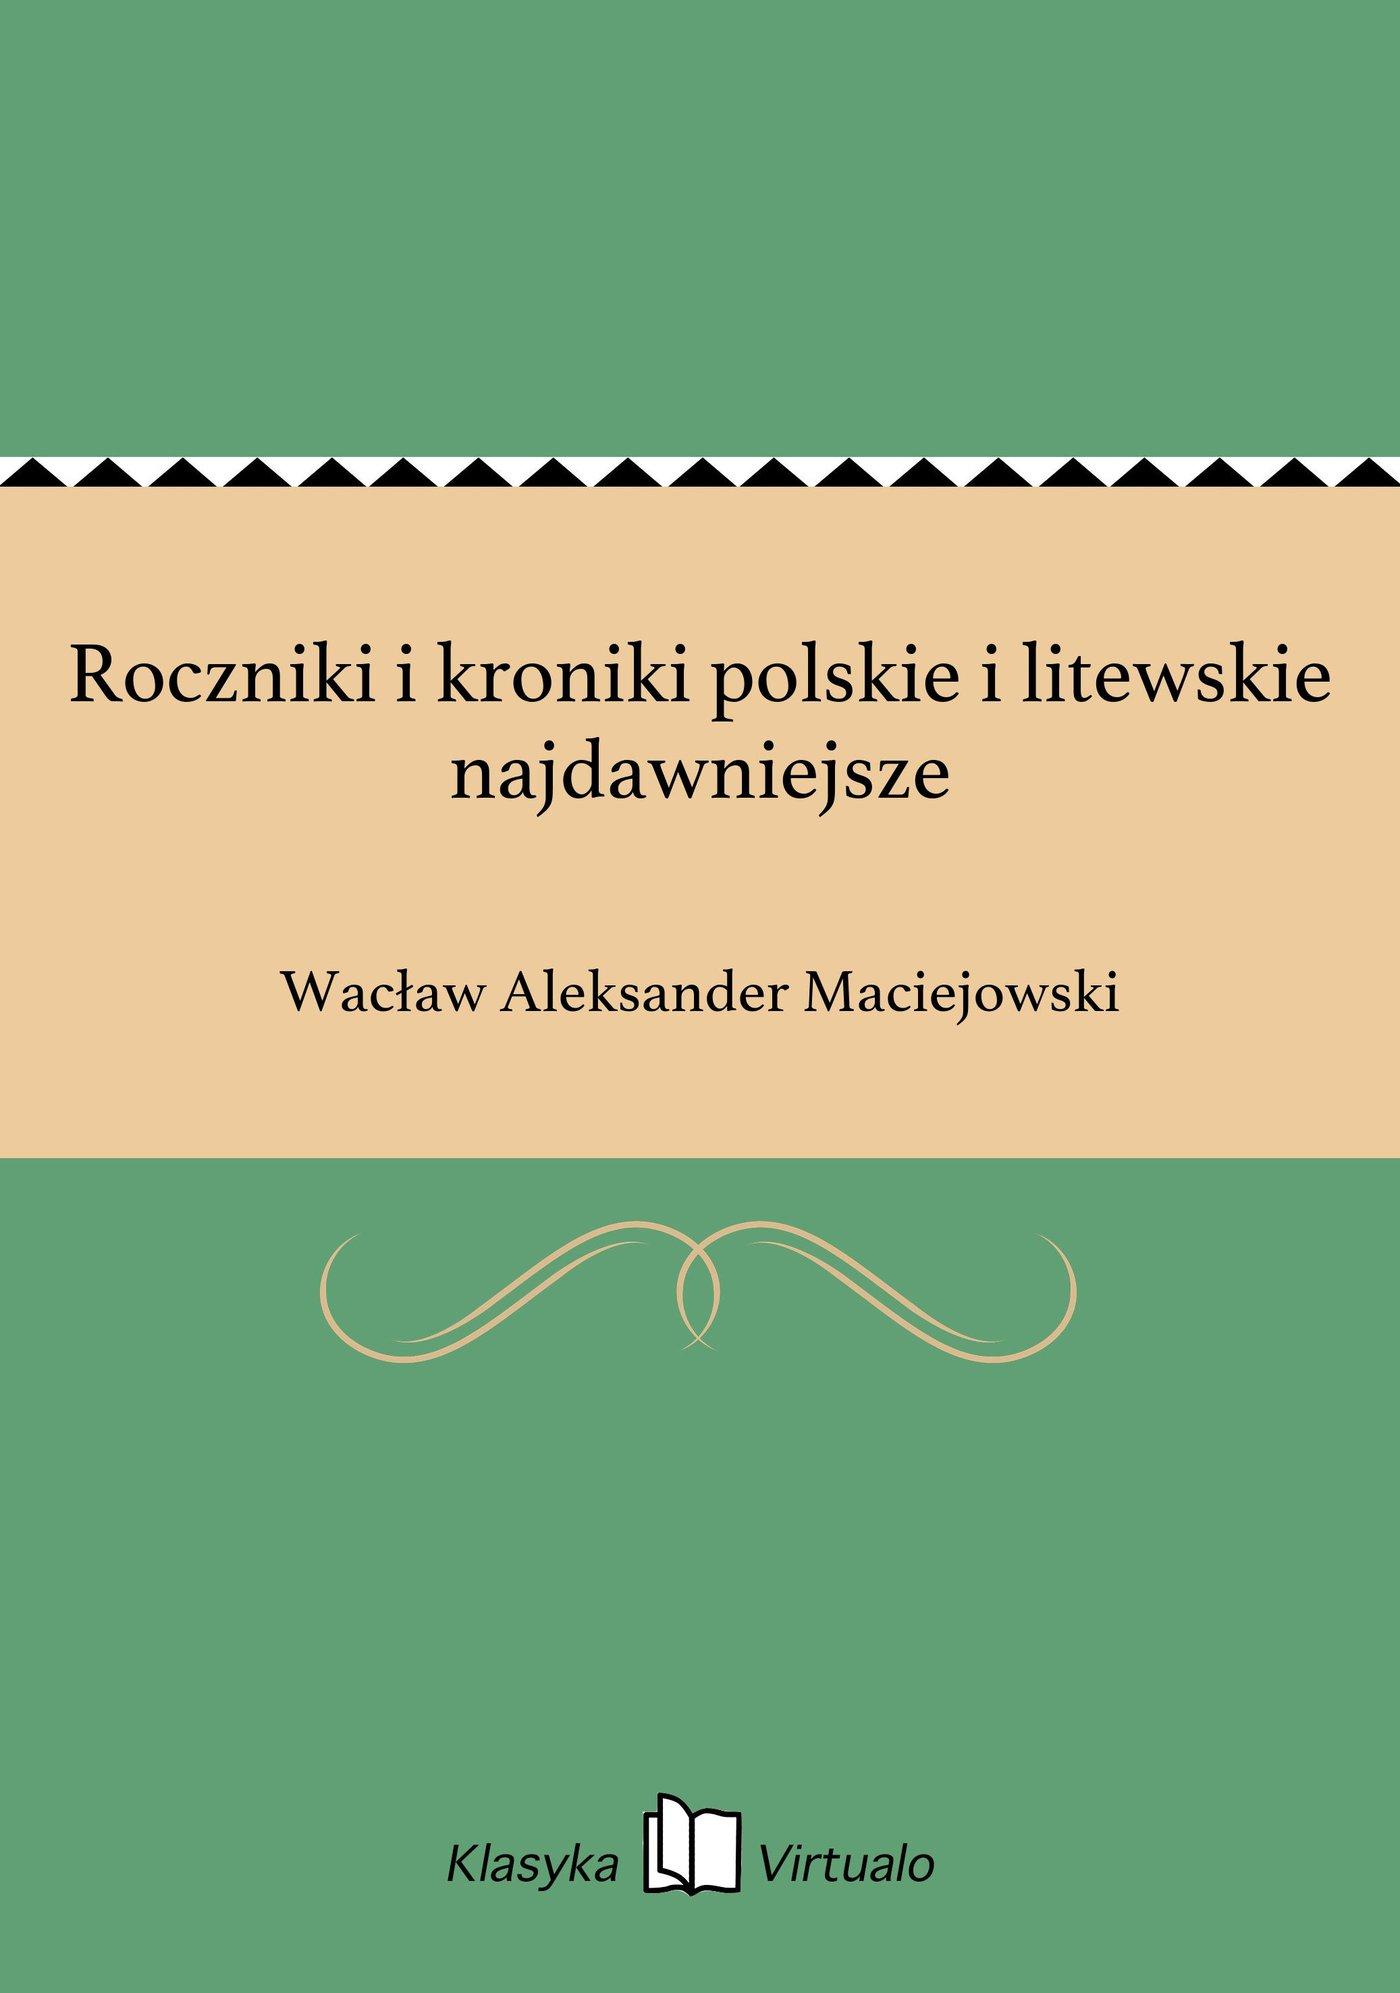 Roczniki i kroniki polskie i litewskie najdawniejsze - Ebook (Książka EPUB) do pobrania w formacie EPUB